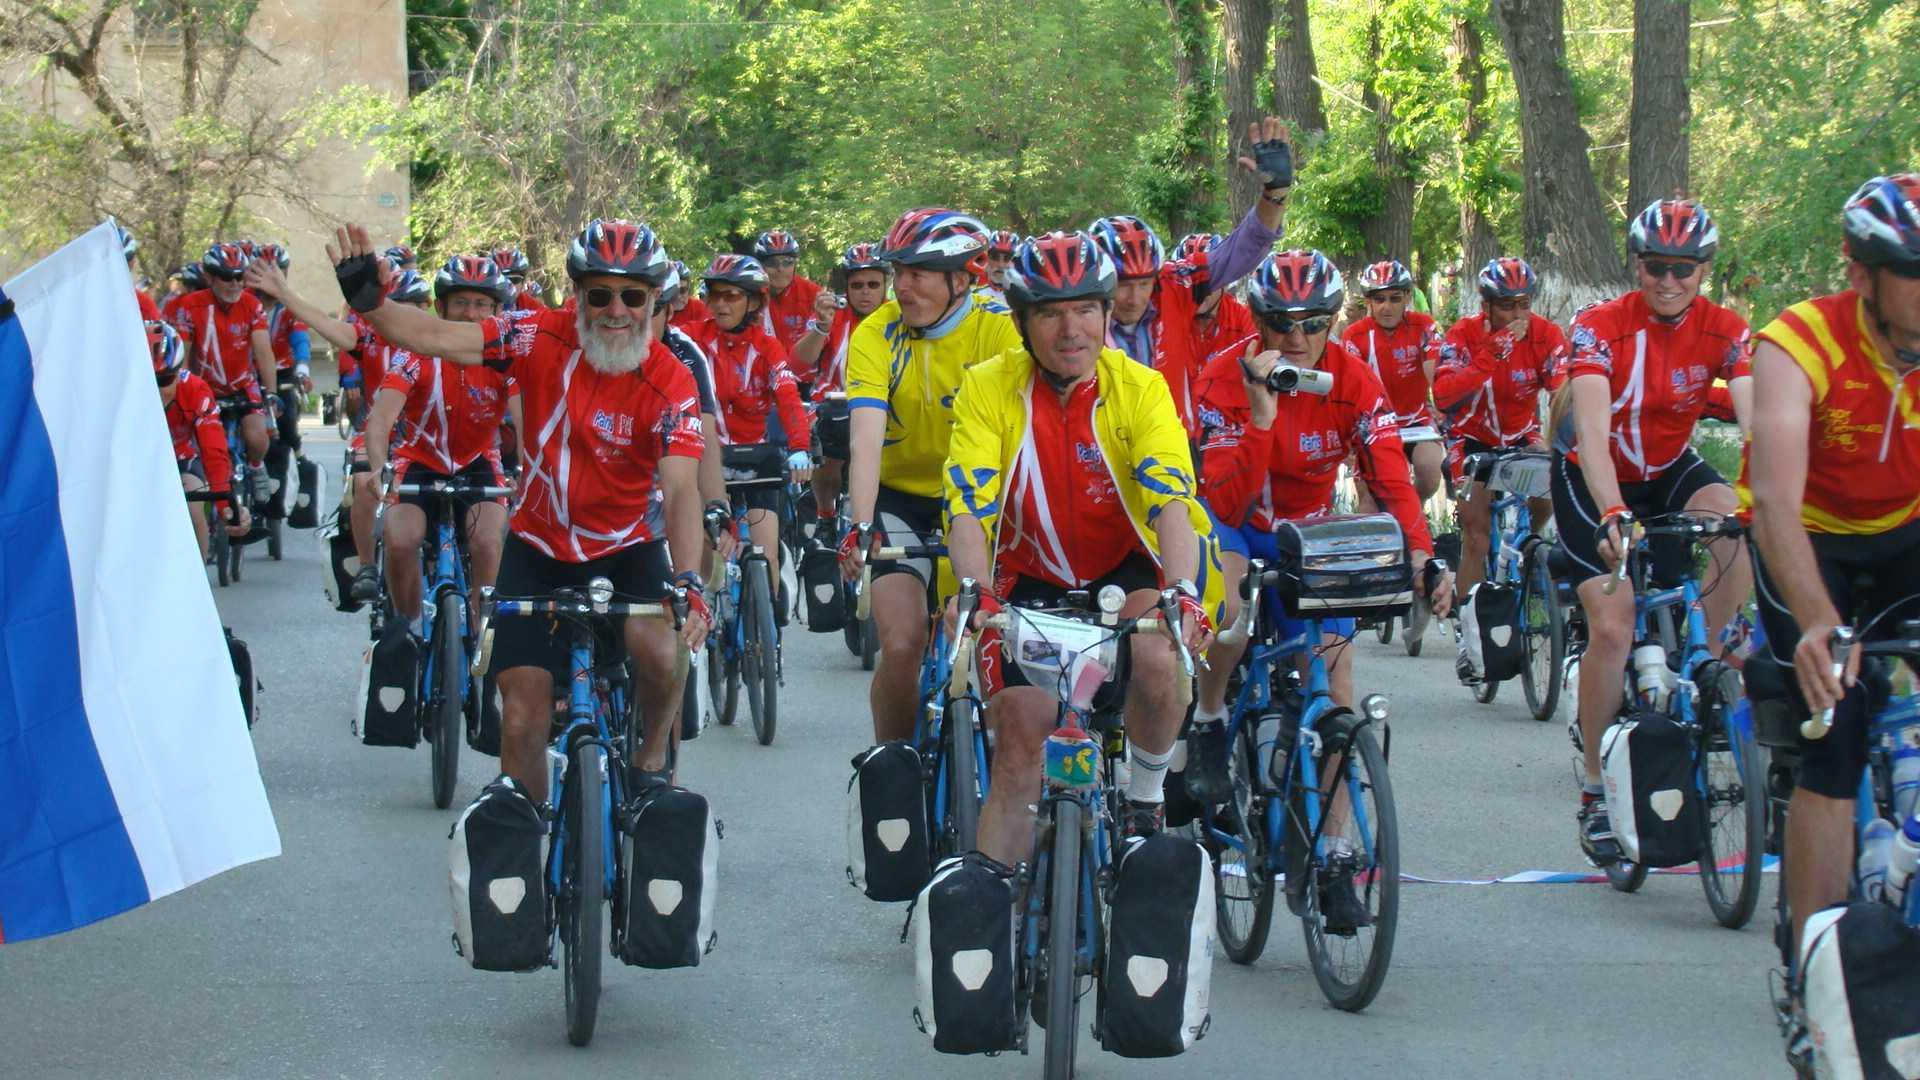 Четыре года назад, по пути на Олимпиаду в Пекин, группа интернациональных велосипедистов посетила Ахтубинск